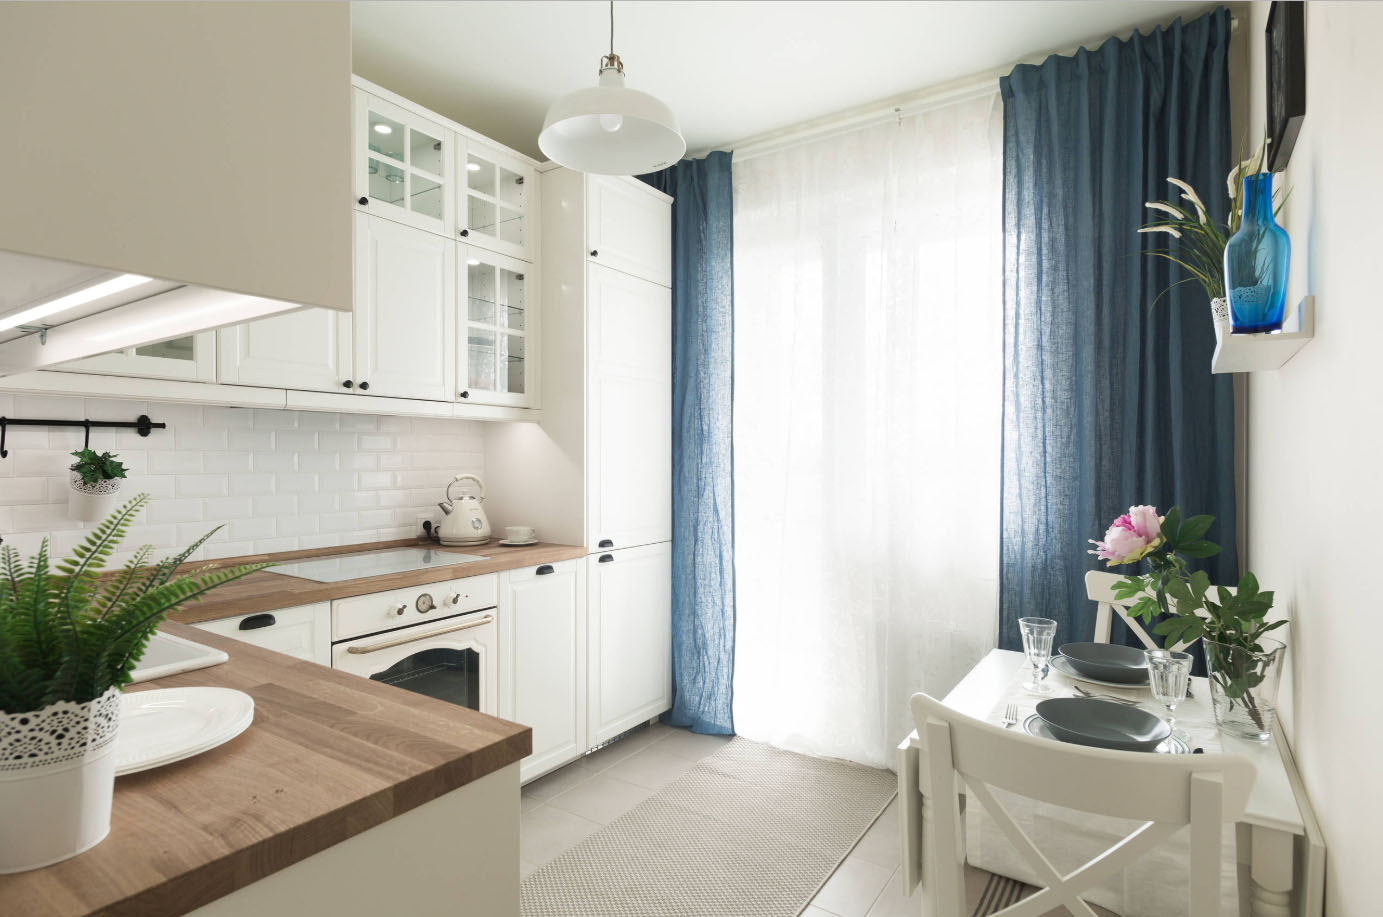 Классическая кухня с окном